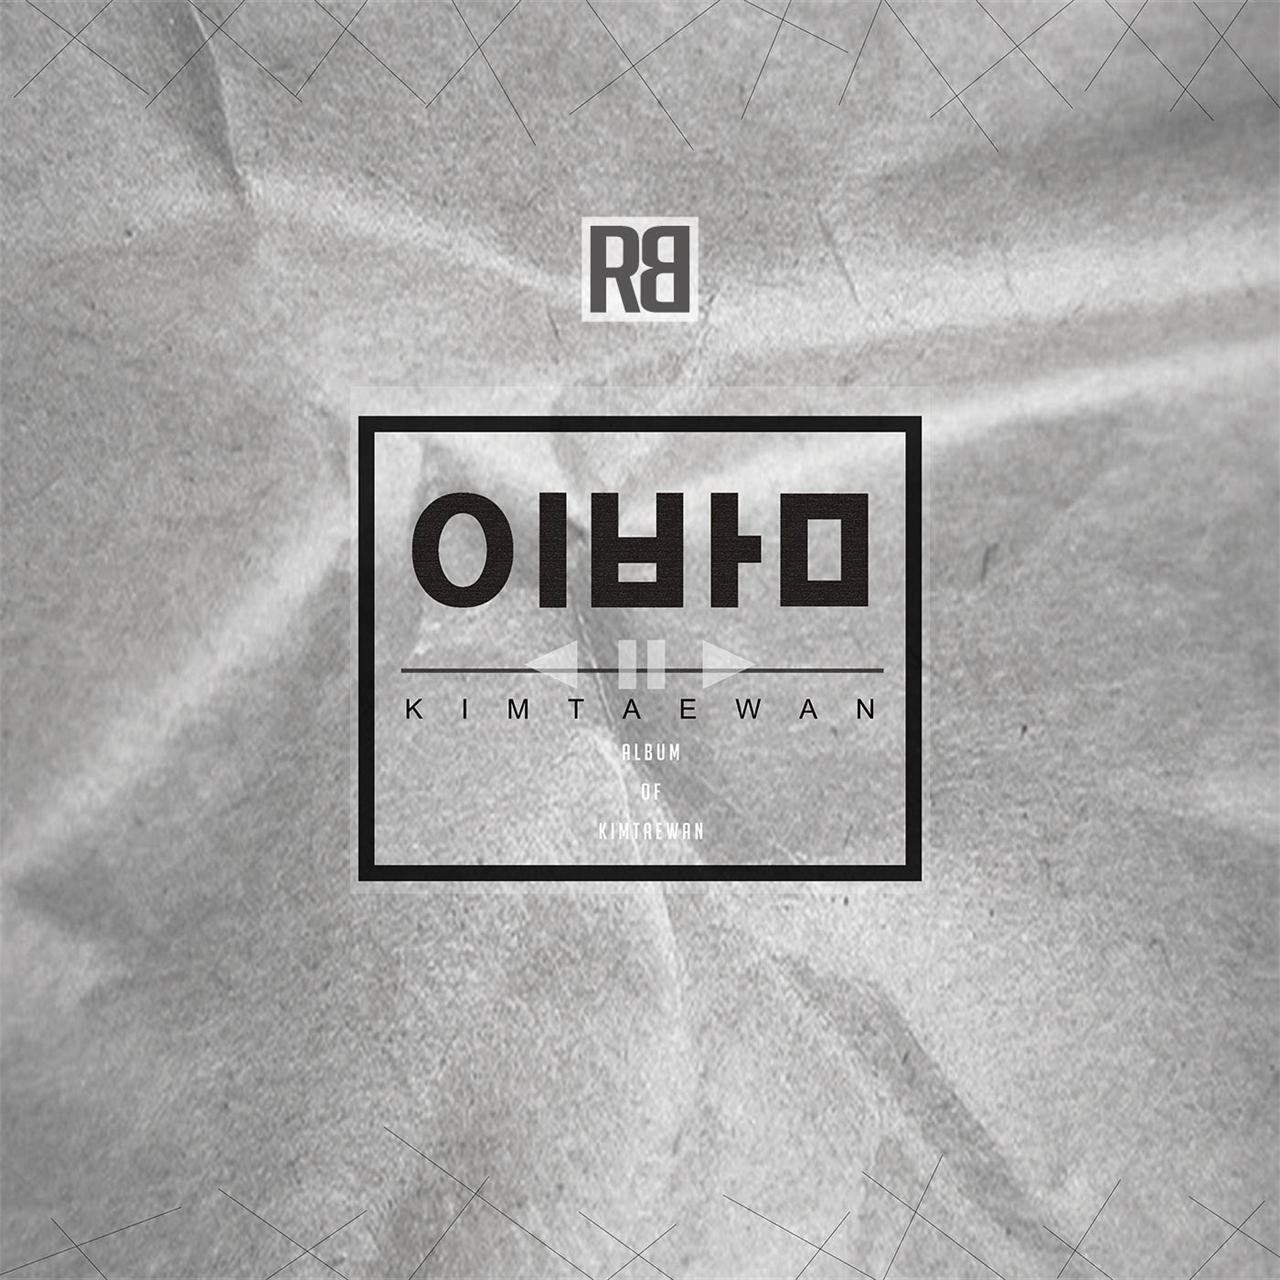 래퍼 로빅 싱글 <이 밤> 재킷사진 래퍼 로빅은 <멀미날거같애> 이후로 꾸준하게 음반활동을 하면서 최근에는 <이 밤> 이라는 싱글을 발매하였다.